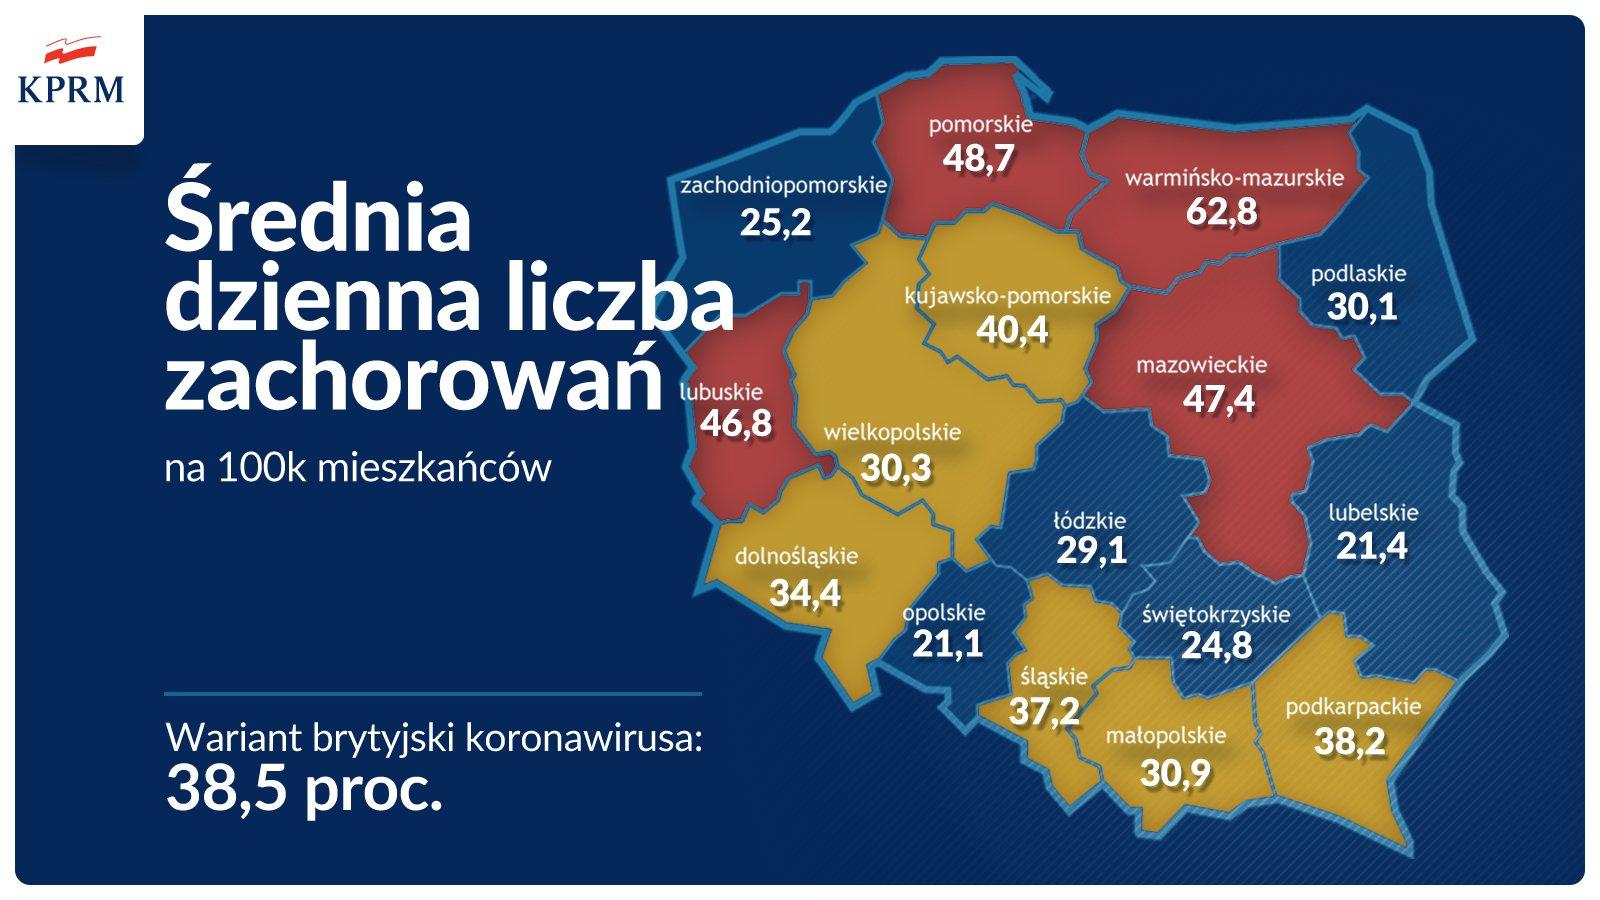 koronawirus na 3. tygodnie przed Wielkanocą - mapa zakażeń w Polsce